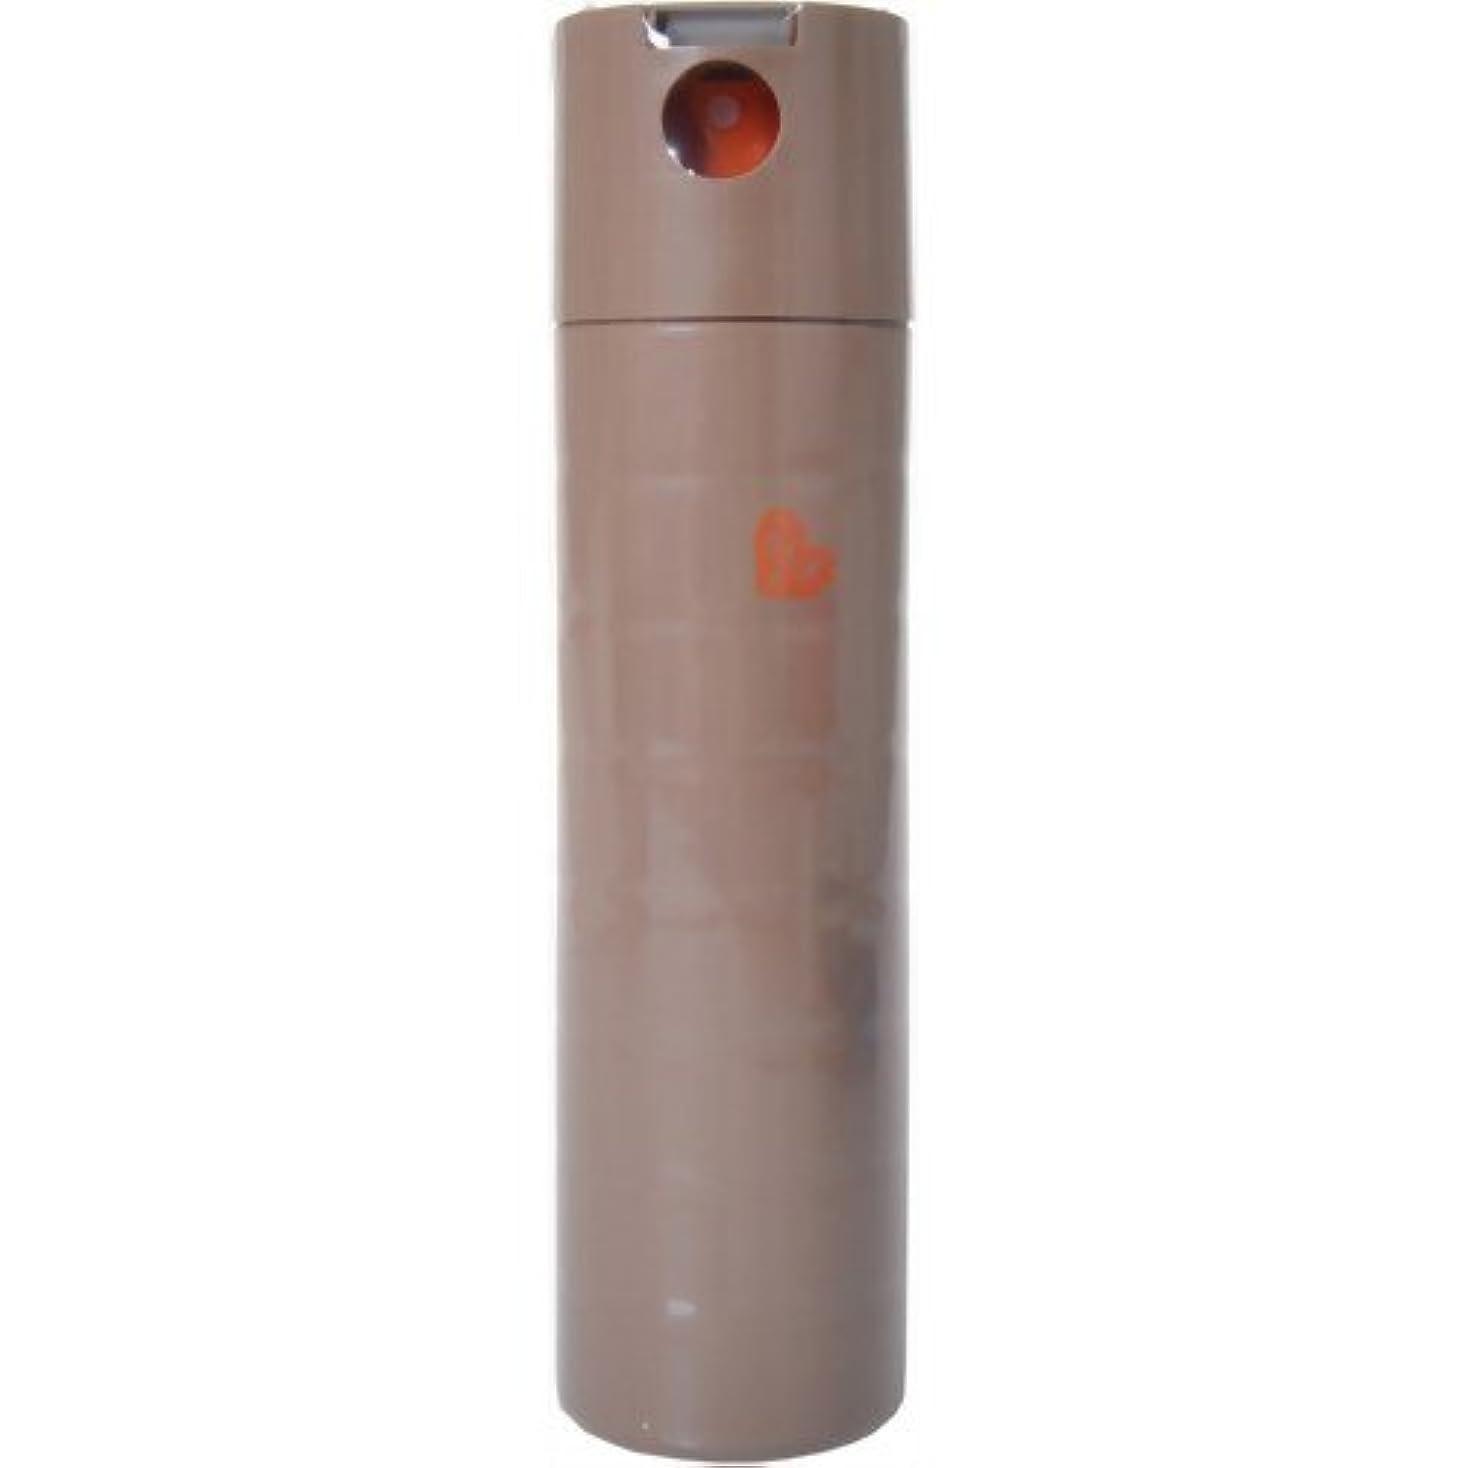 カーフ振動するイチゴアリミノ ピース ワックススプレー カフェオレ 143g (200mL)